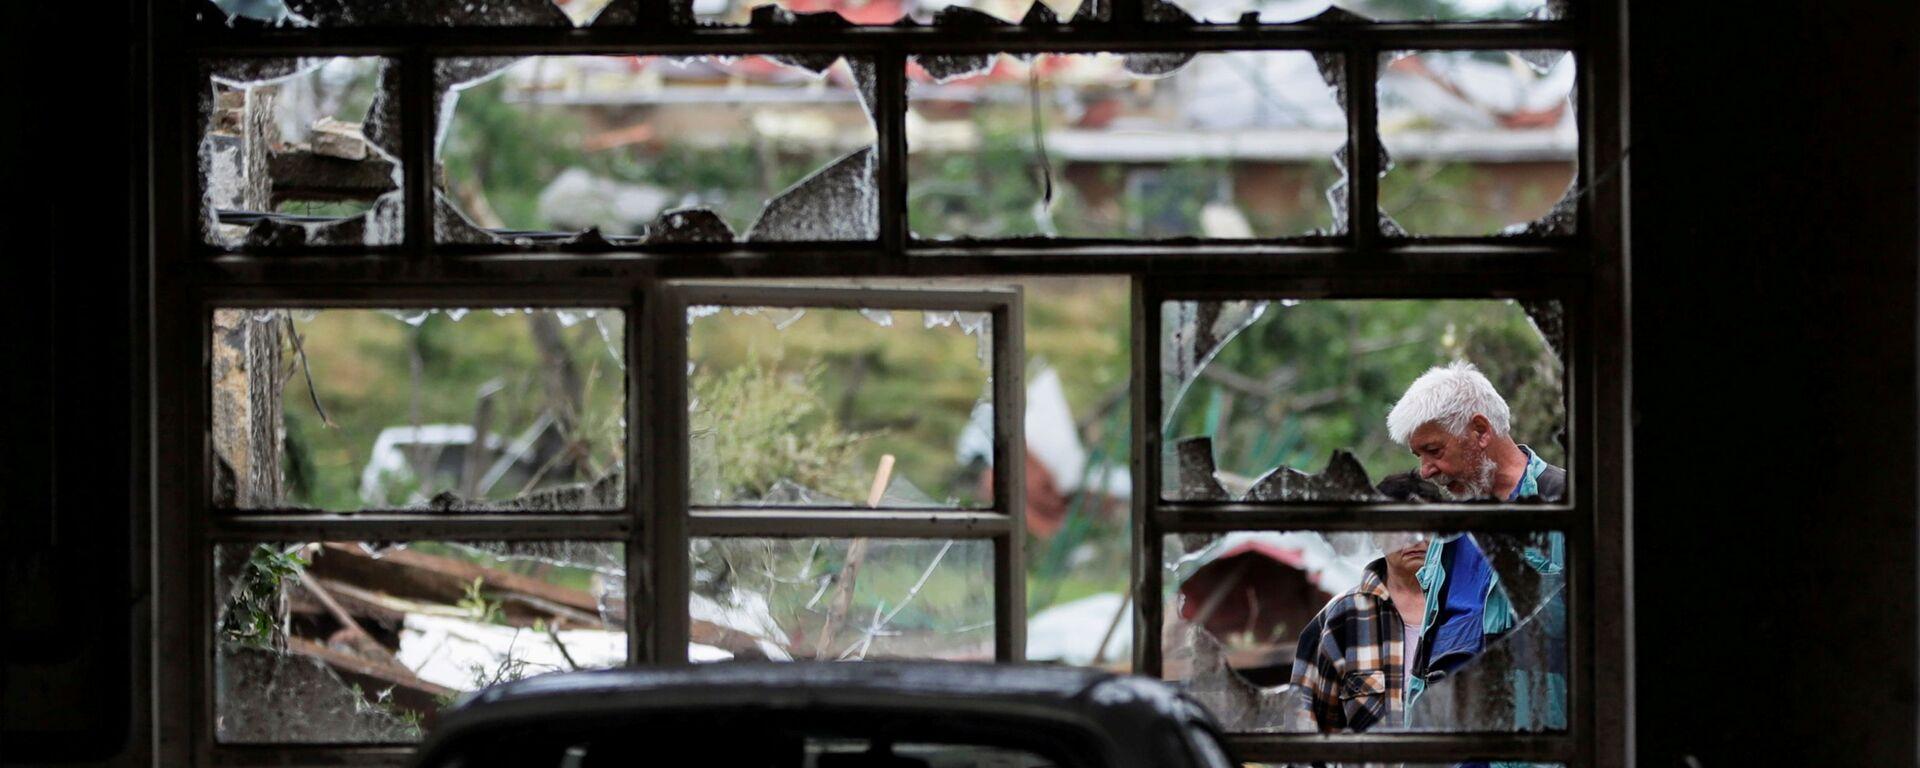 Lidé stojí u rozbitého okna po tornádu, které zasáhlo vesnici Mikulčice - Sputnik Česká republika, 1920, 26.06.2021